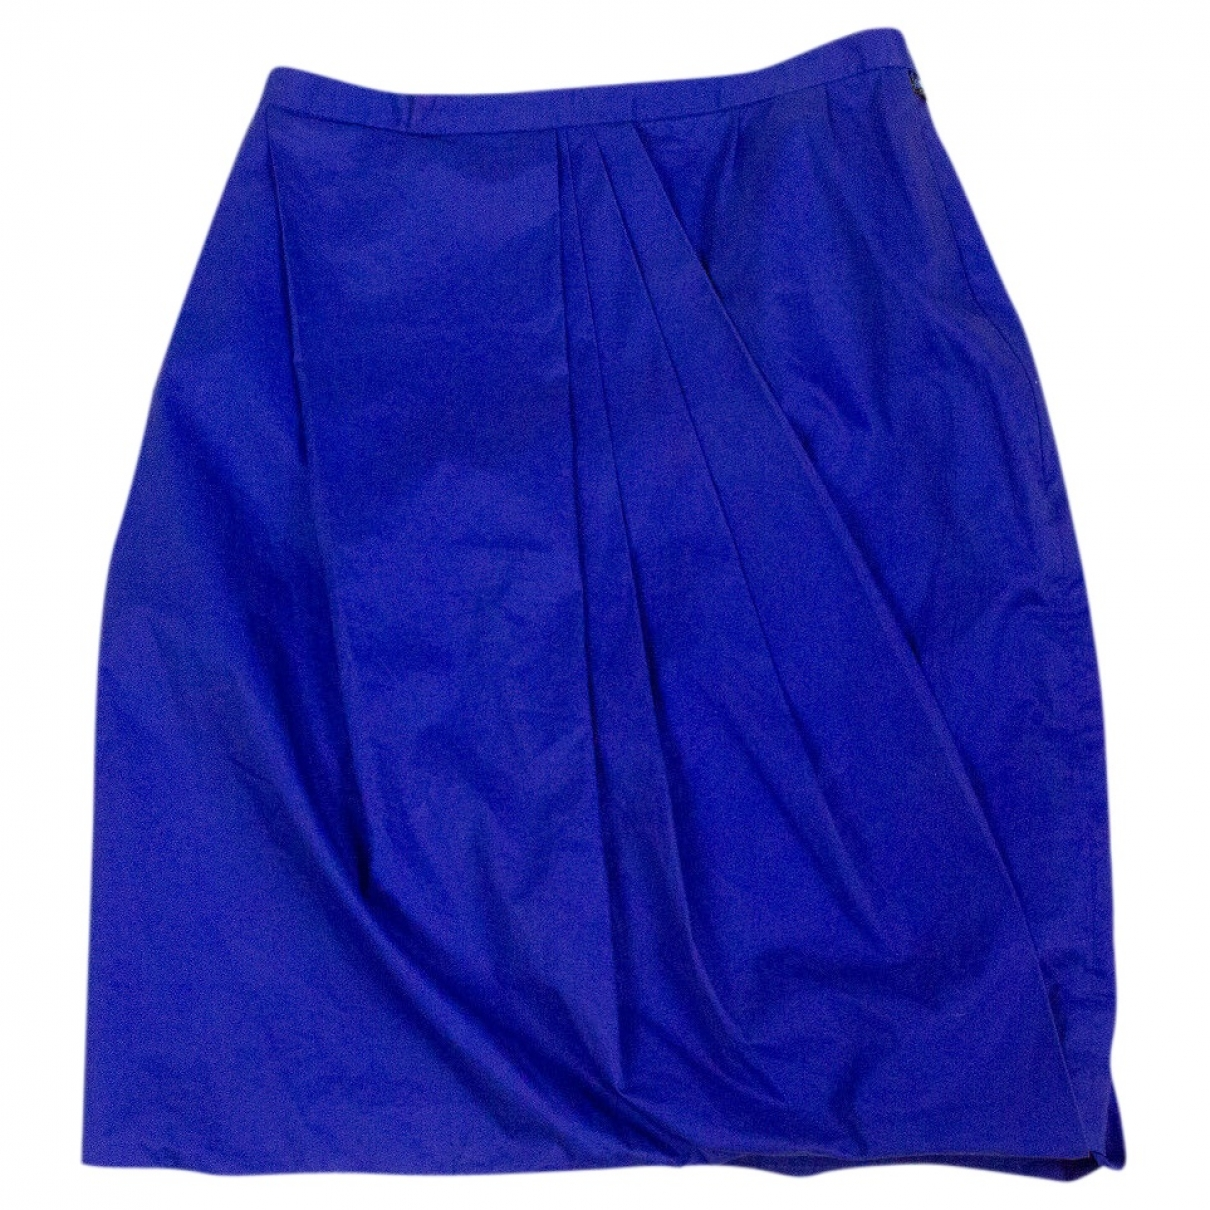 Acne Studios \N Blue Cotton skirt for Women S International